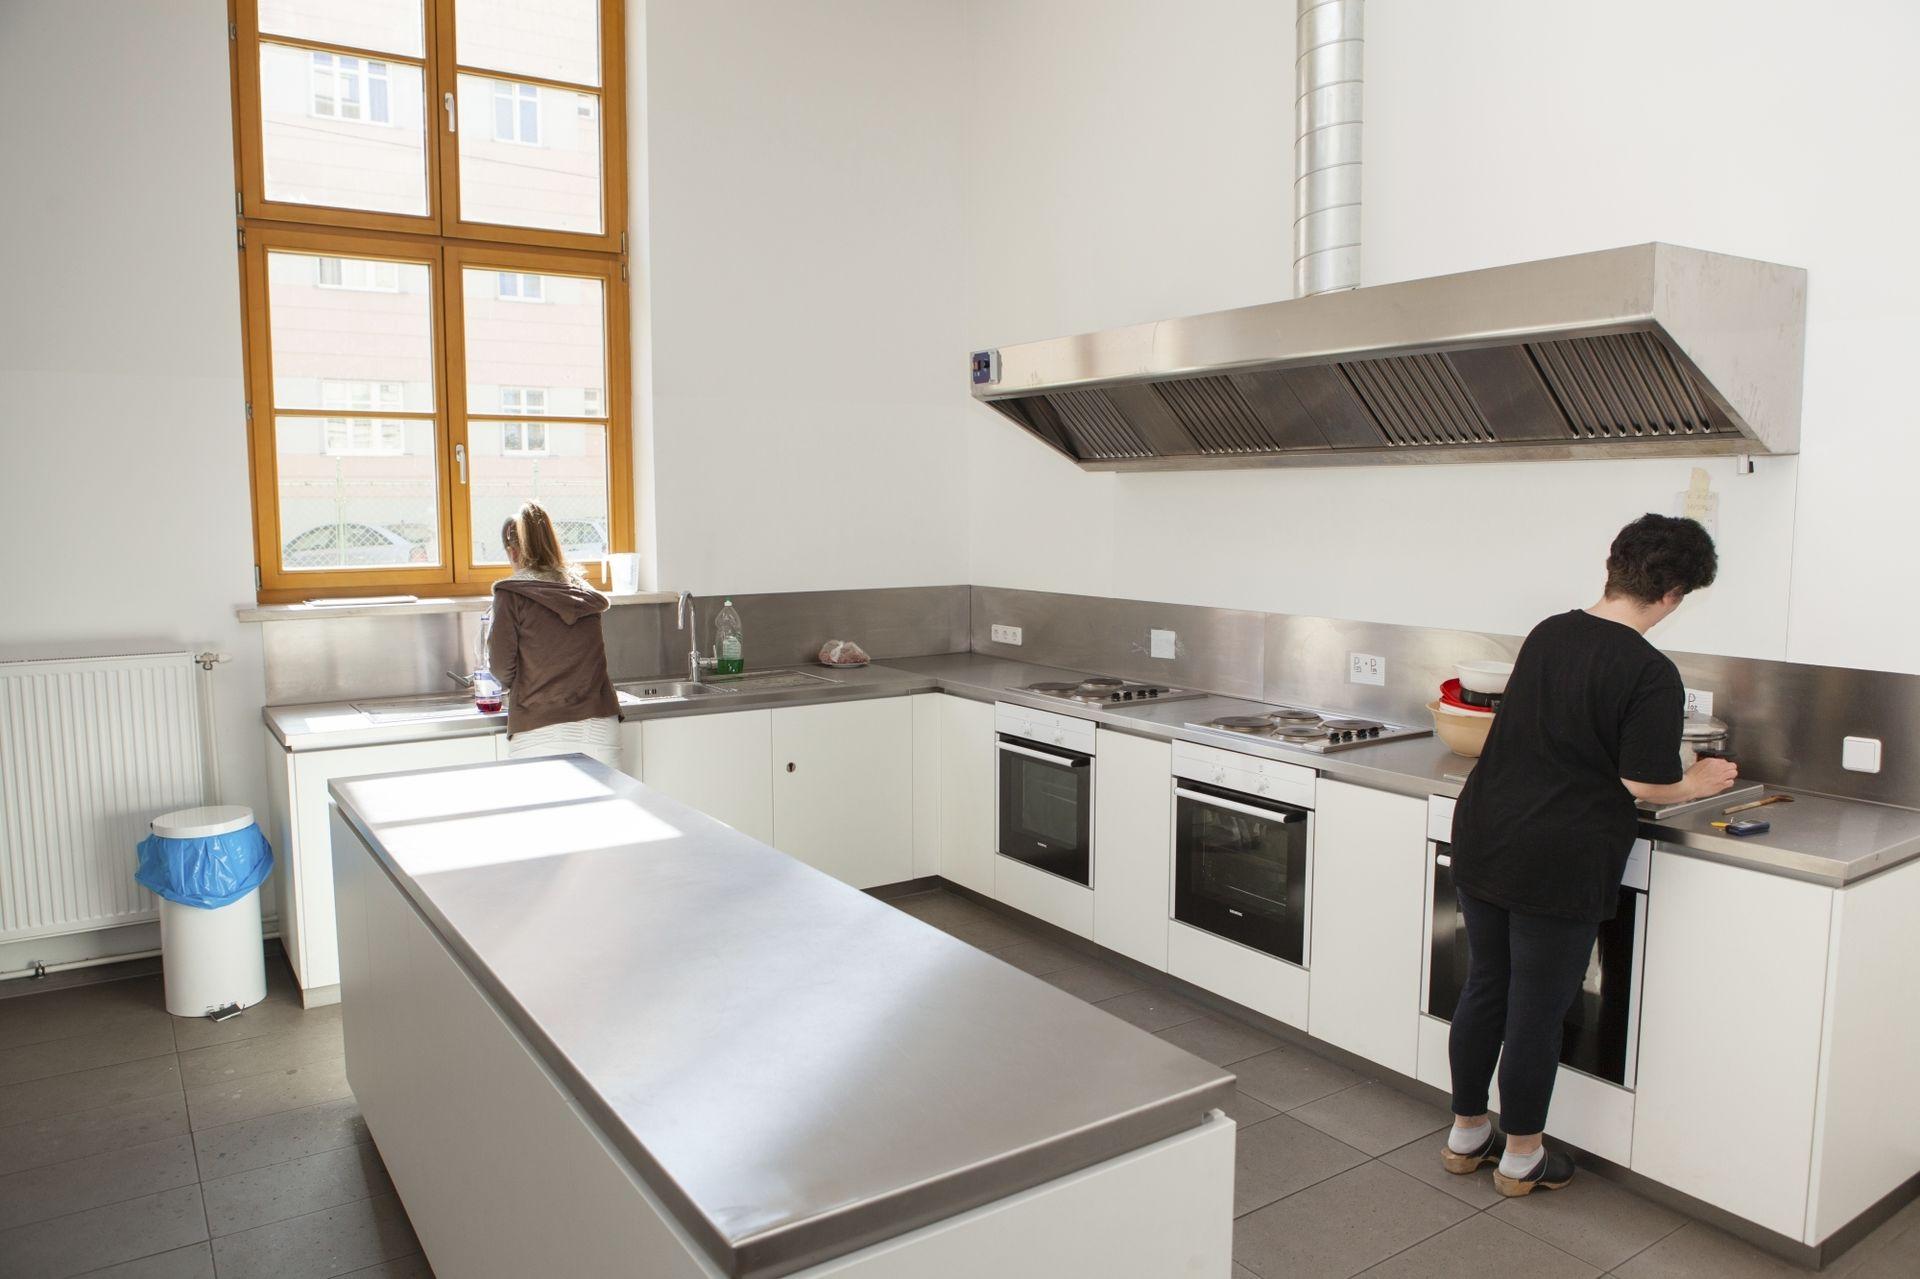 Niedlich Obdach Küche Und Bar Galerie - Küchen Design Ideen ...